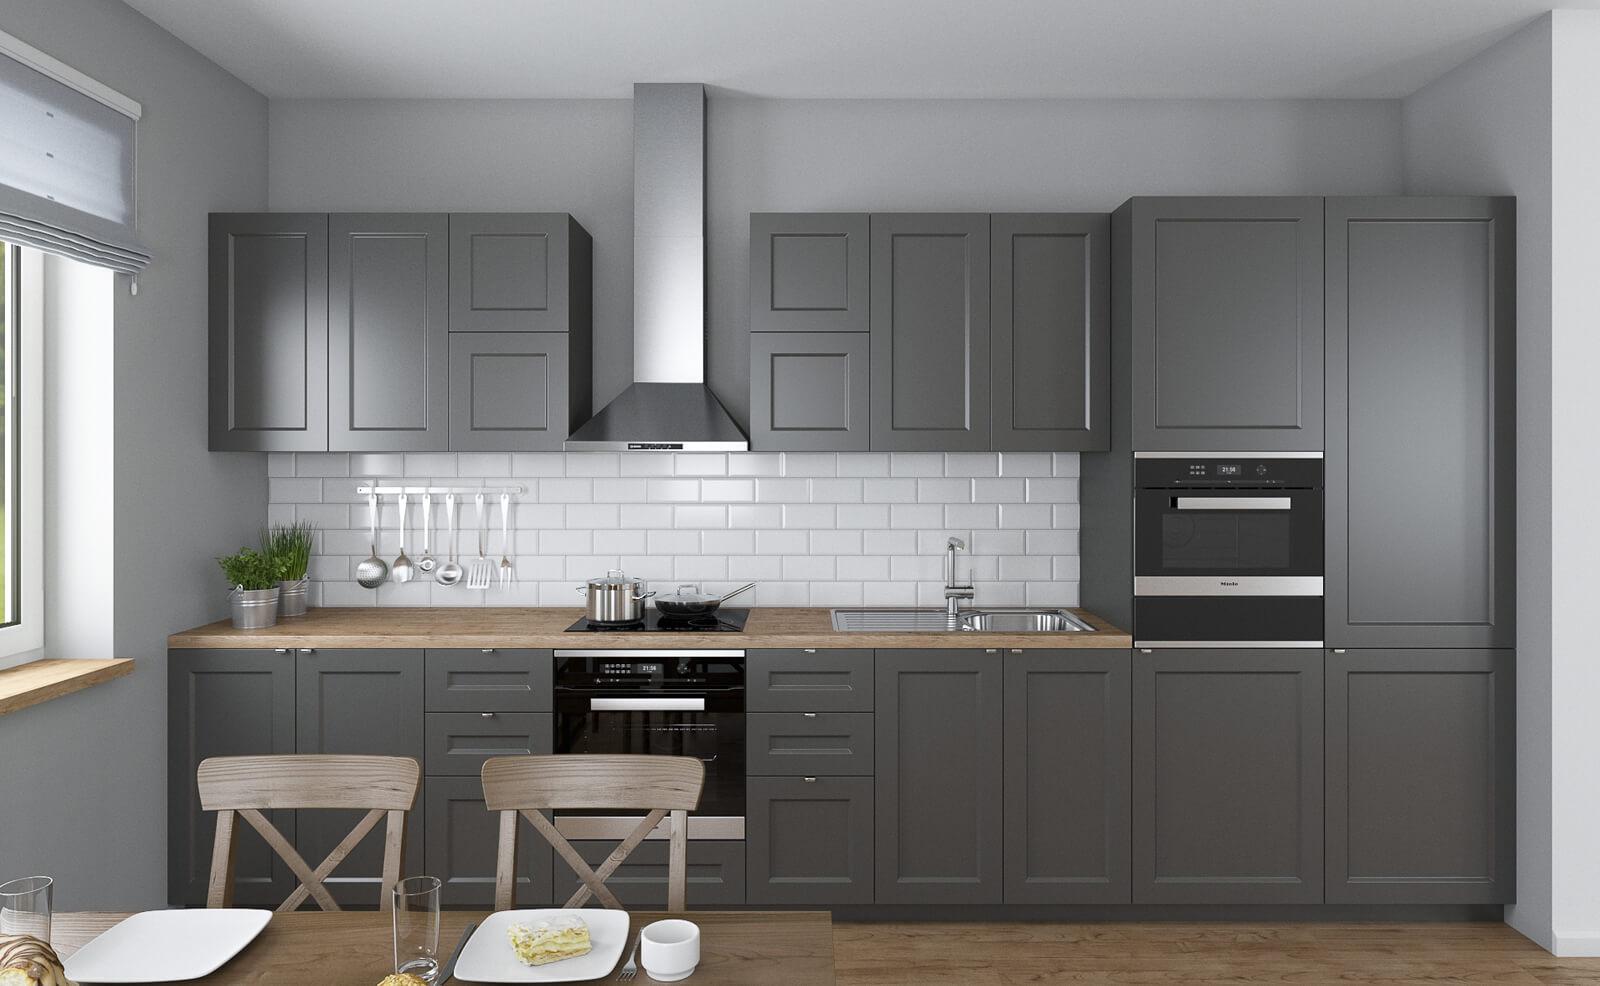 noremax fronter til ikea. Black Bedroom Furniture Sets. Home Design Ideas